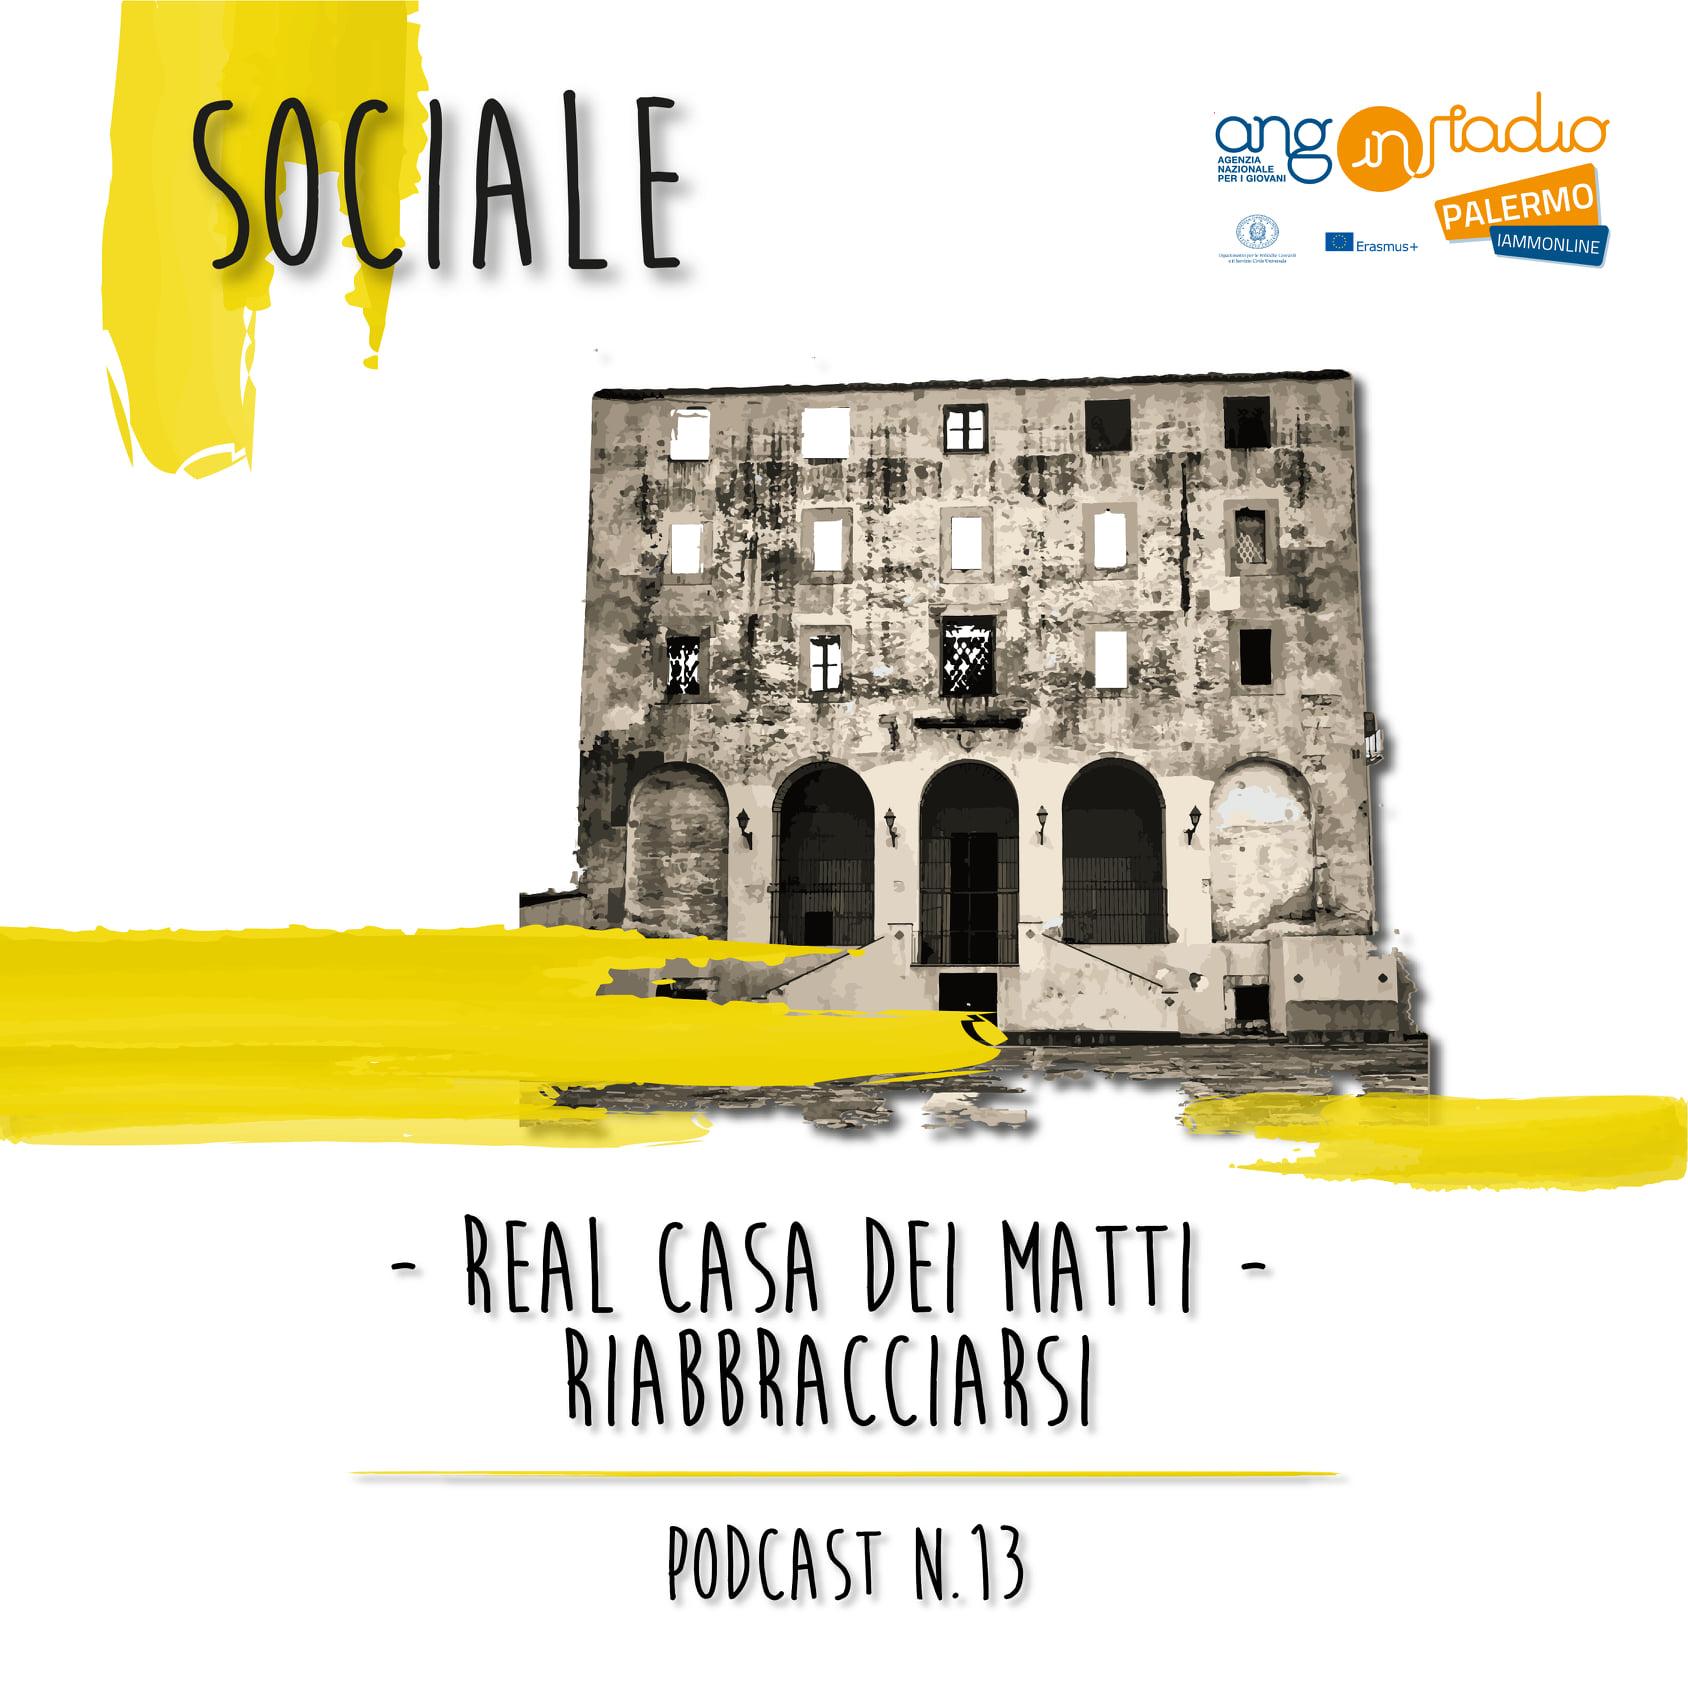 Podcast 13: Real Casa dei Matti – Riabbracciarsi